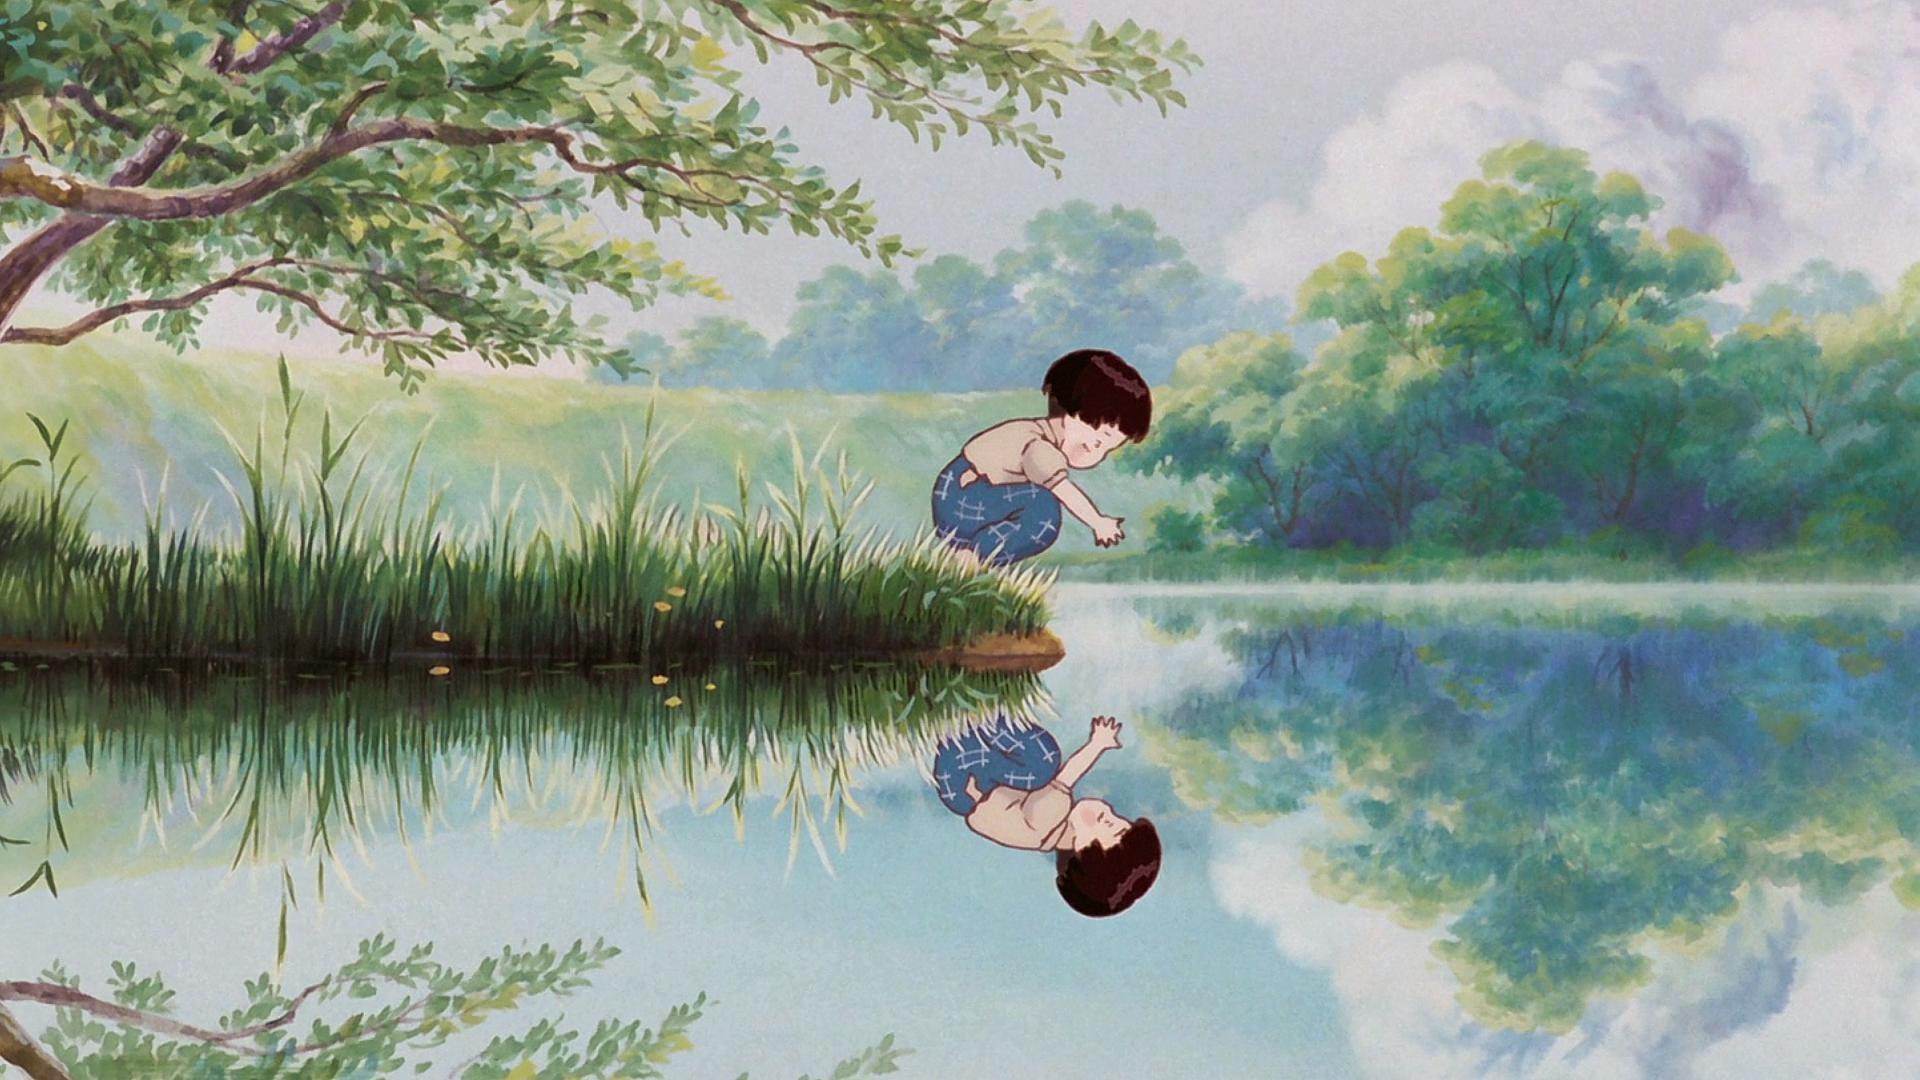 1920x1080 wallpaper imgur: Studio Ghibli Wallpaper (66+ Images